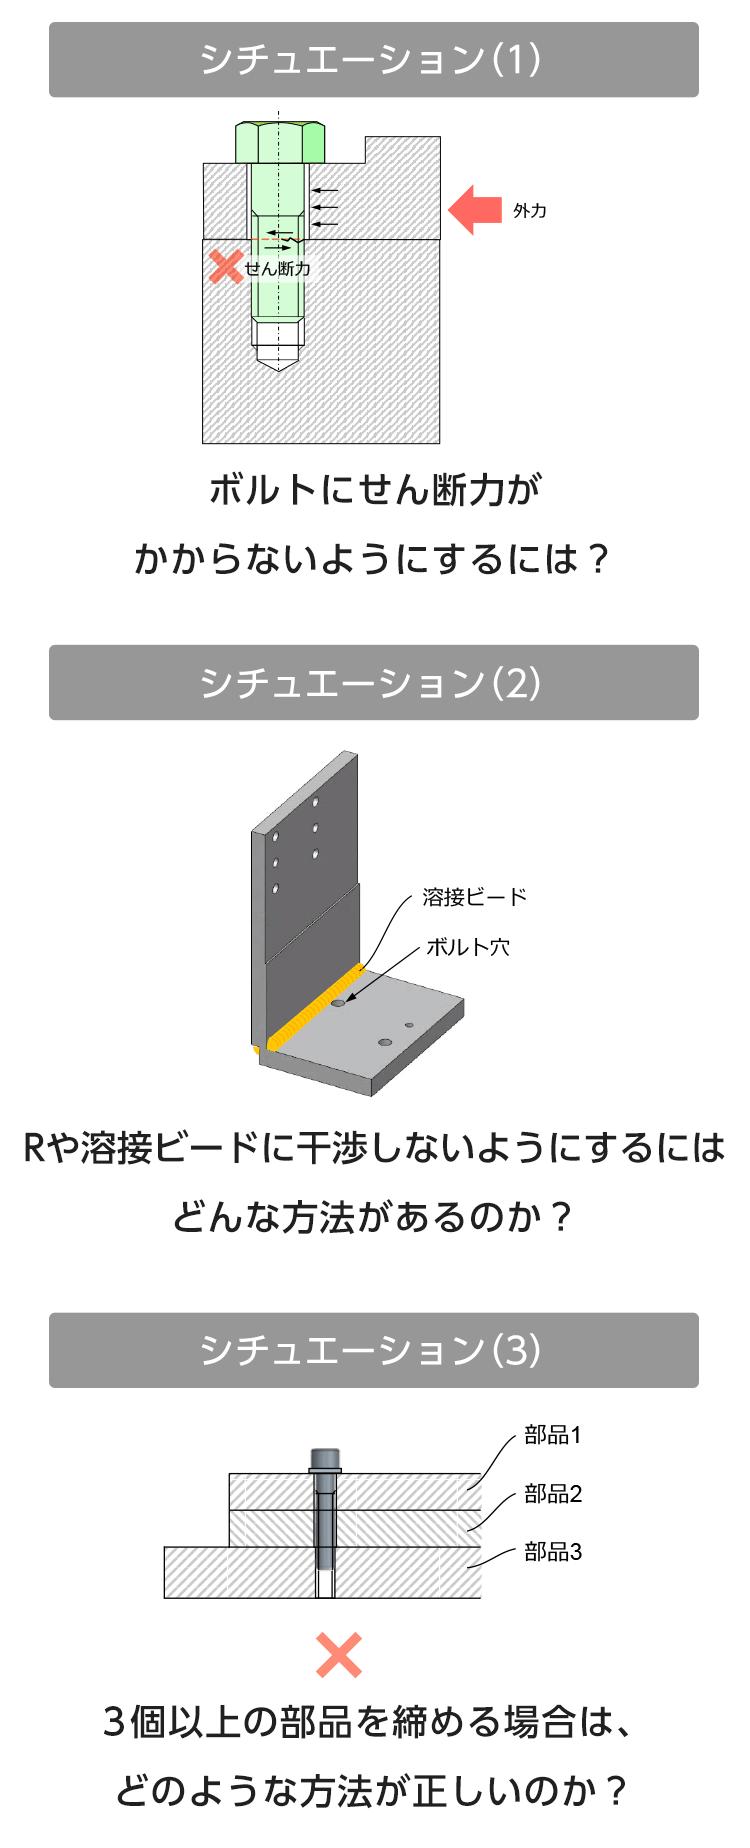 シチュエーション1〜3